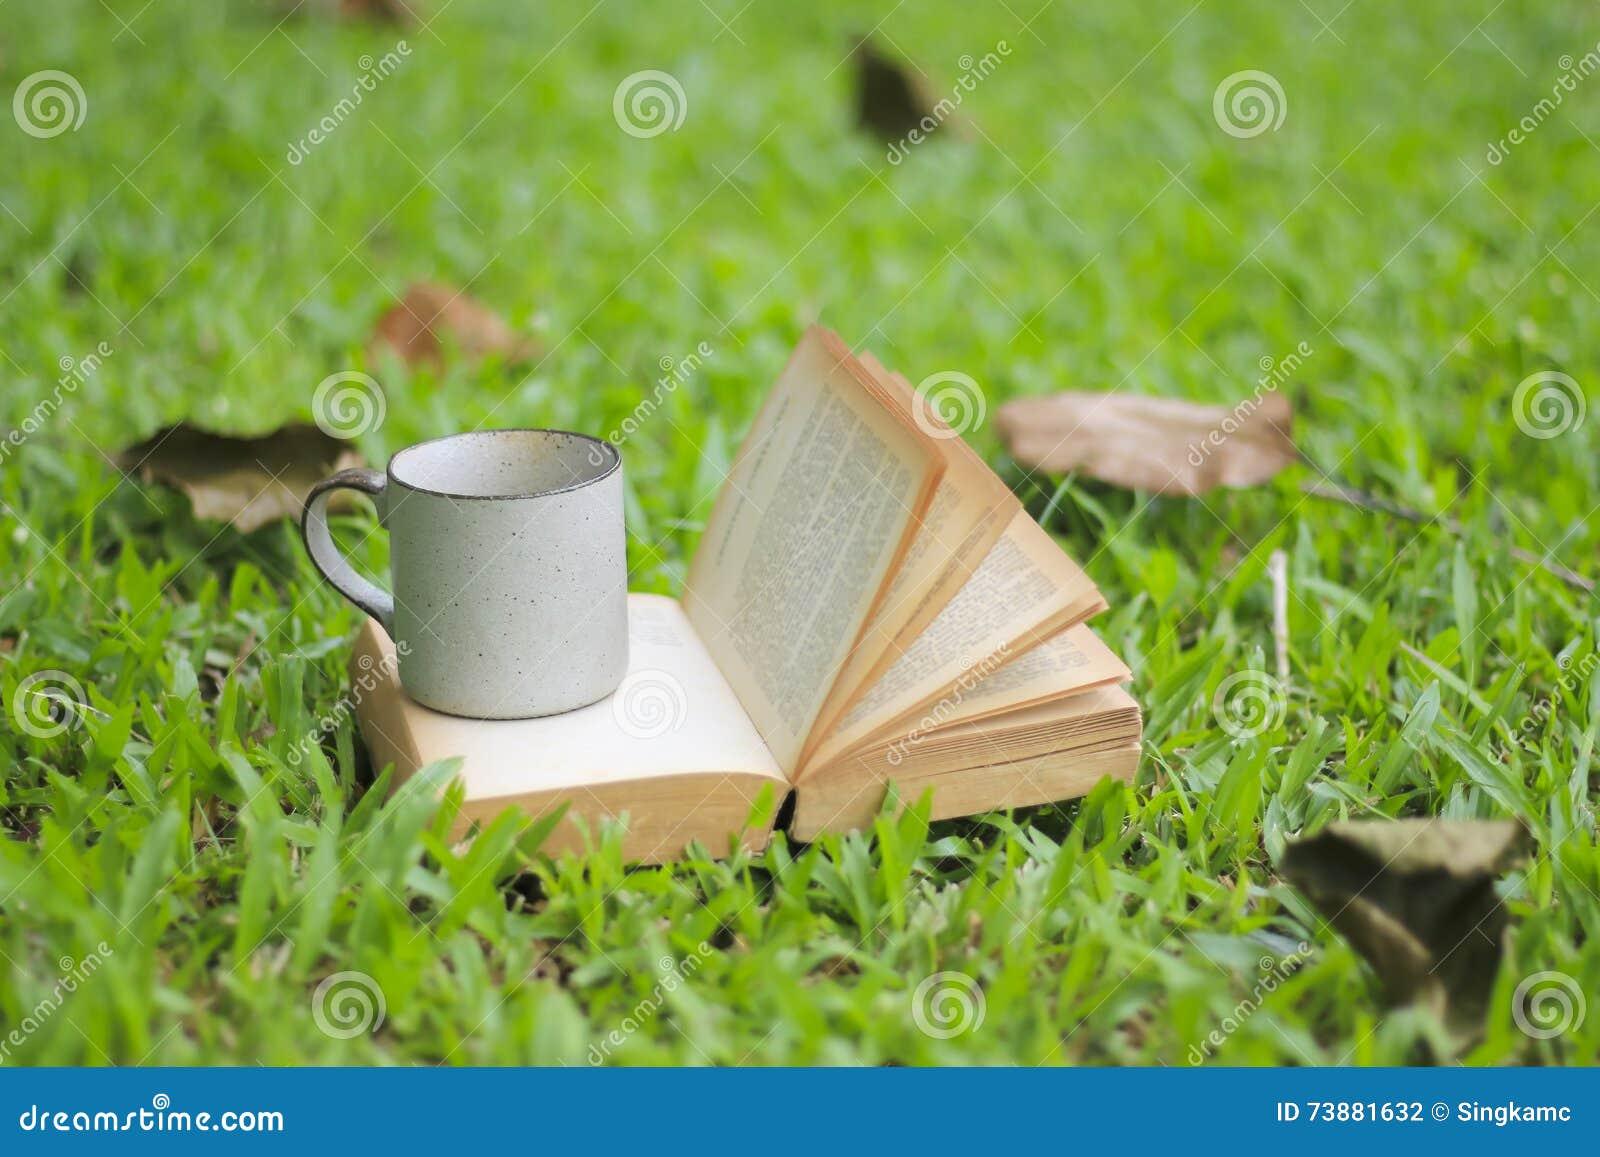 La taza y los libros de café en la hierba verde en verano parquean